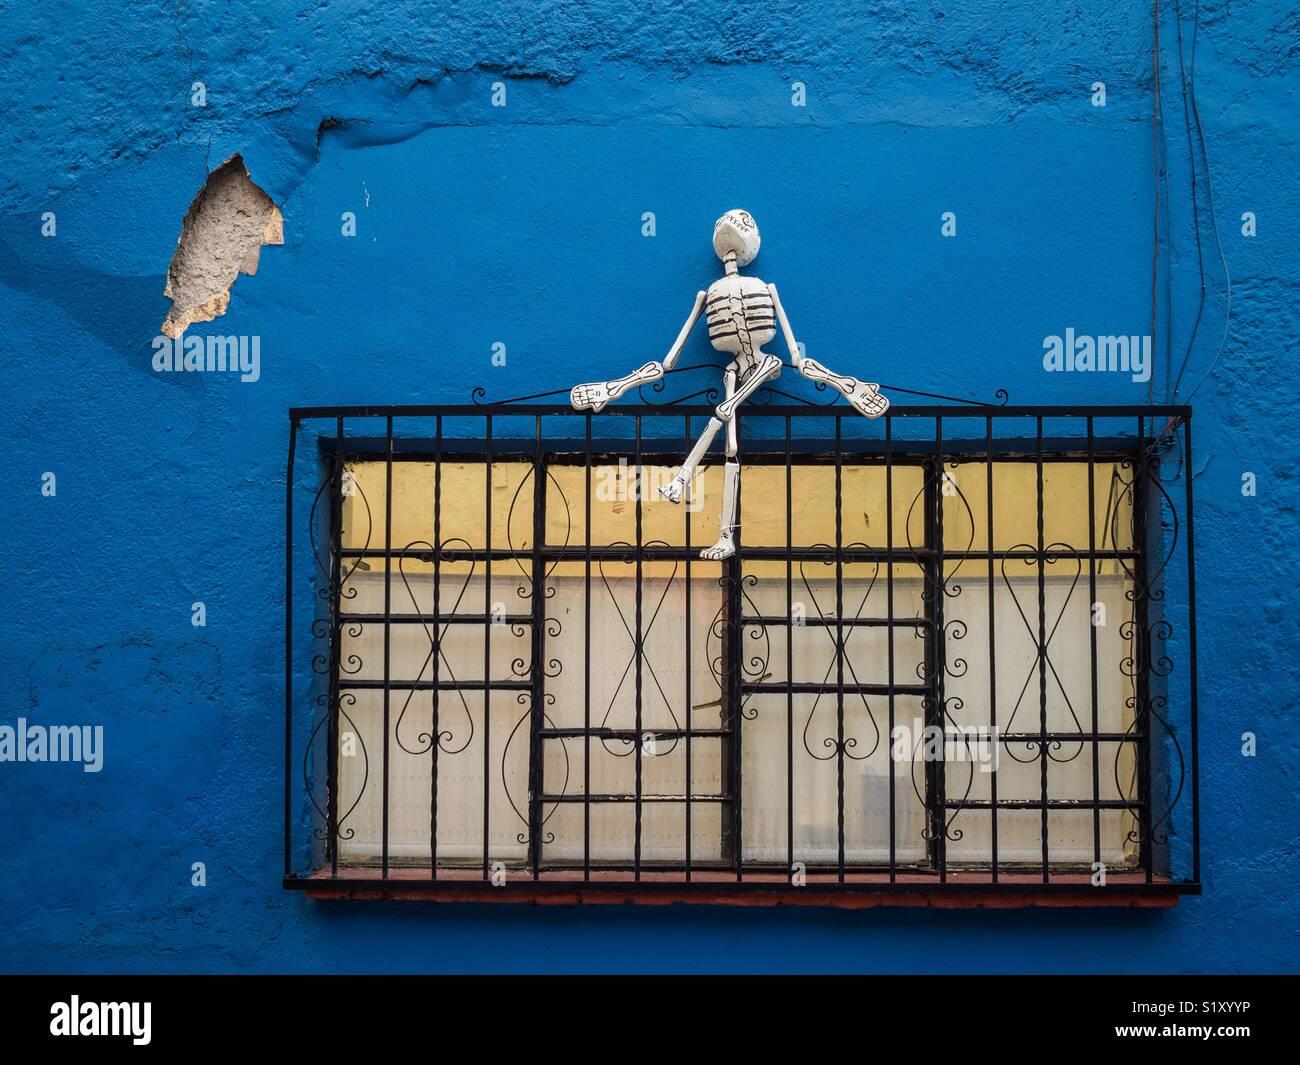 Squelette sur une fenêtre au Mexique Photo Stock